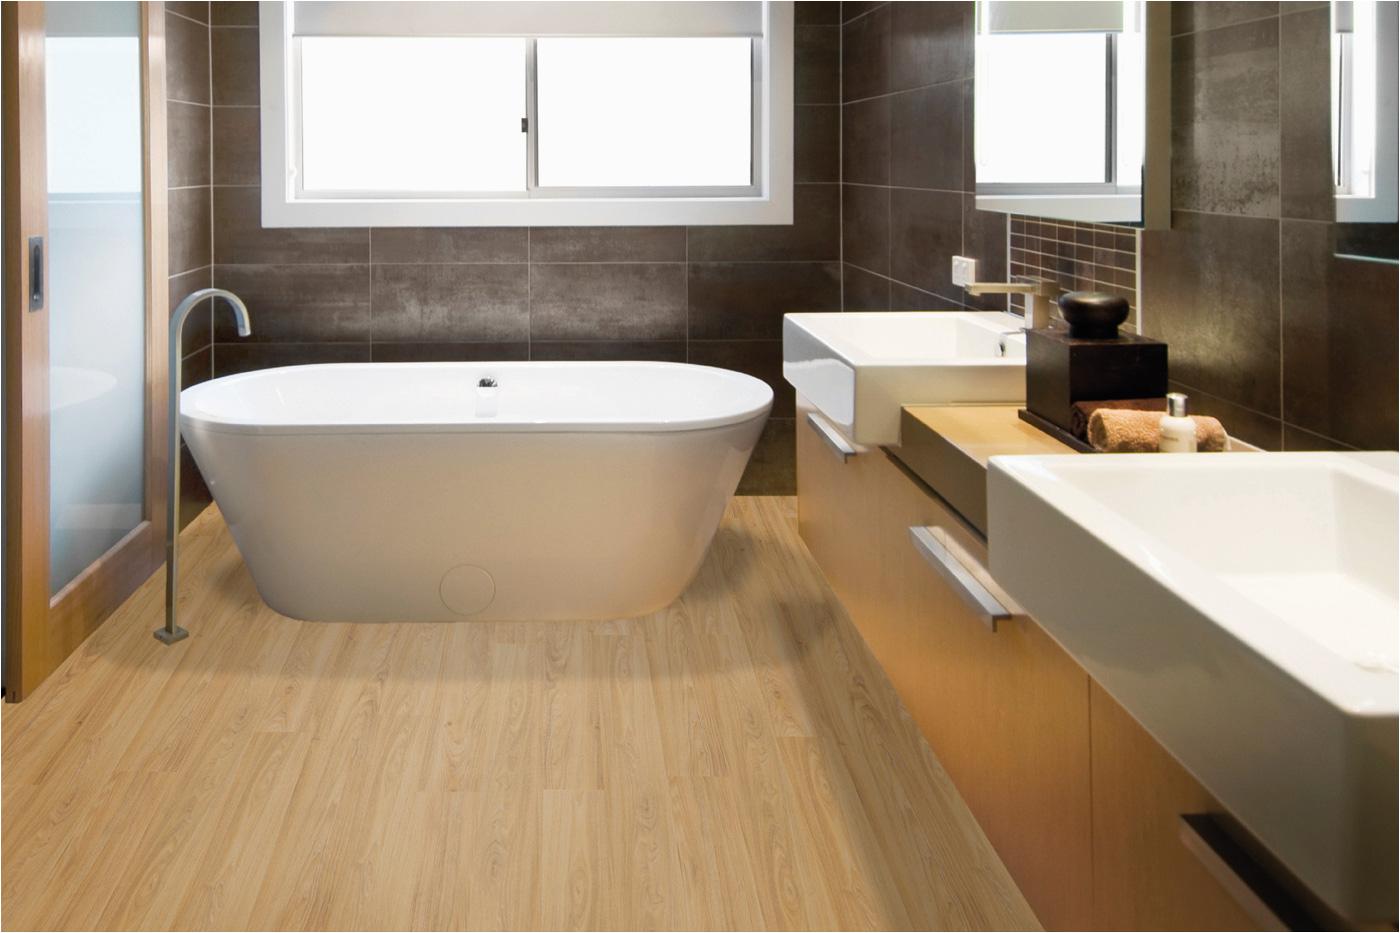 wohnkultur vinyl badezimmer vinylboden im bad ziemlich boden aller art